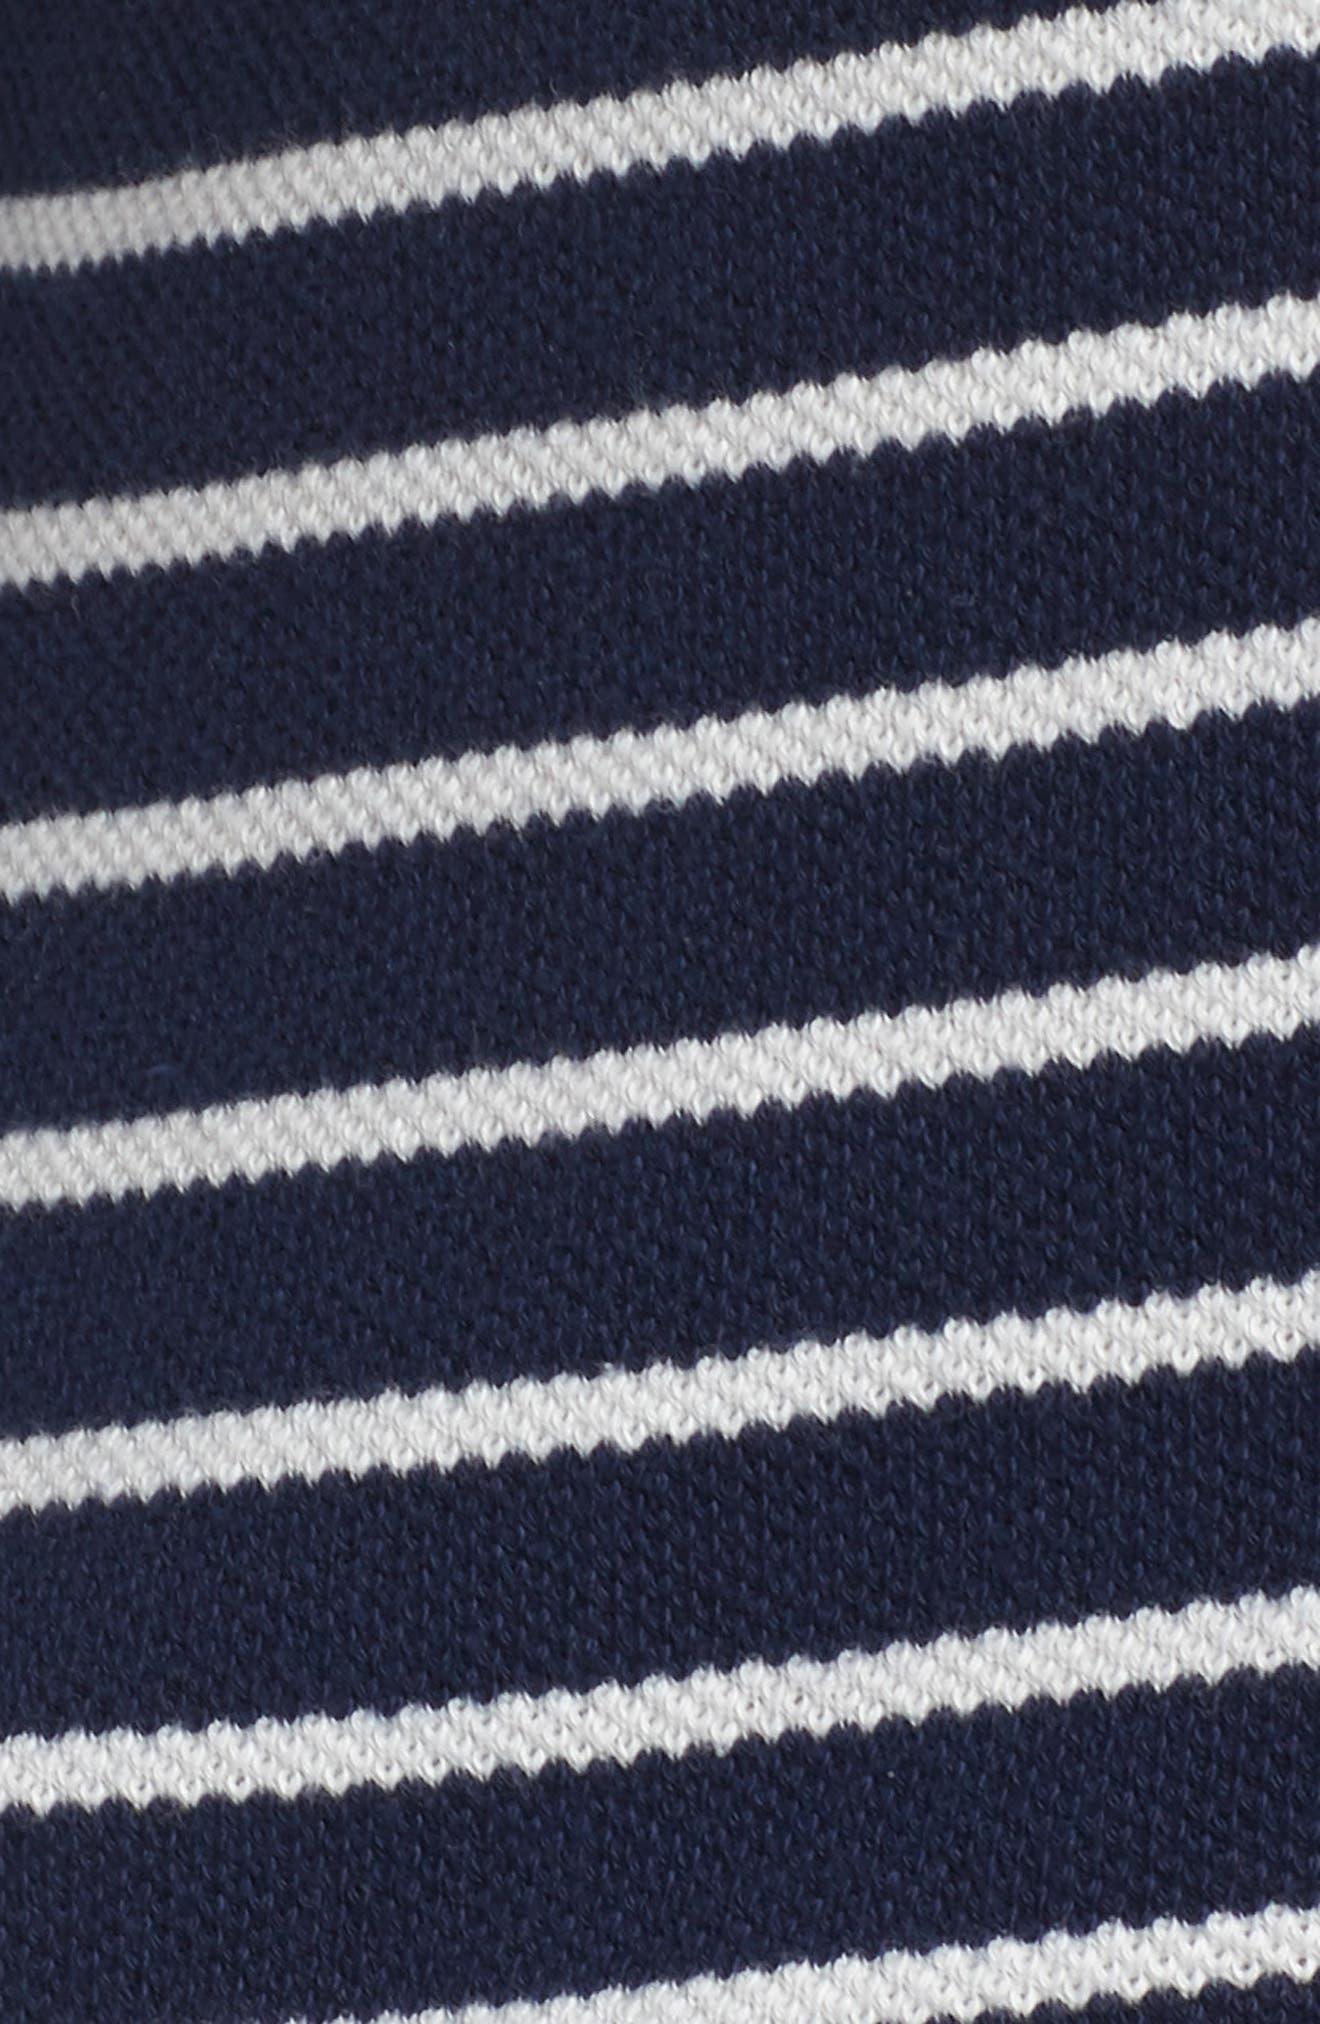 Stripe Peacoat Knit Jacket,                             Alternate thumbnail 7, color,                             410